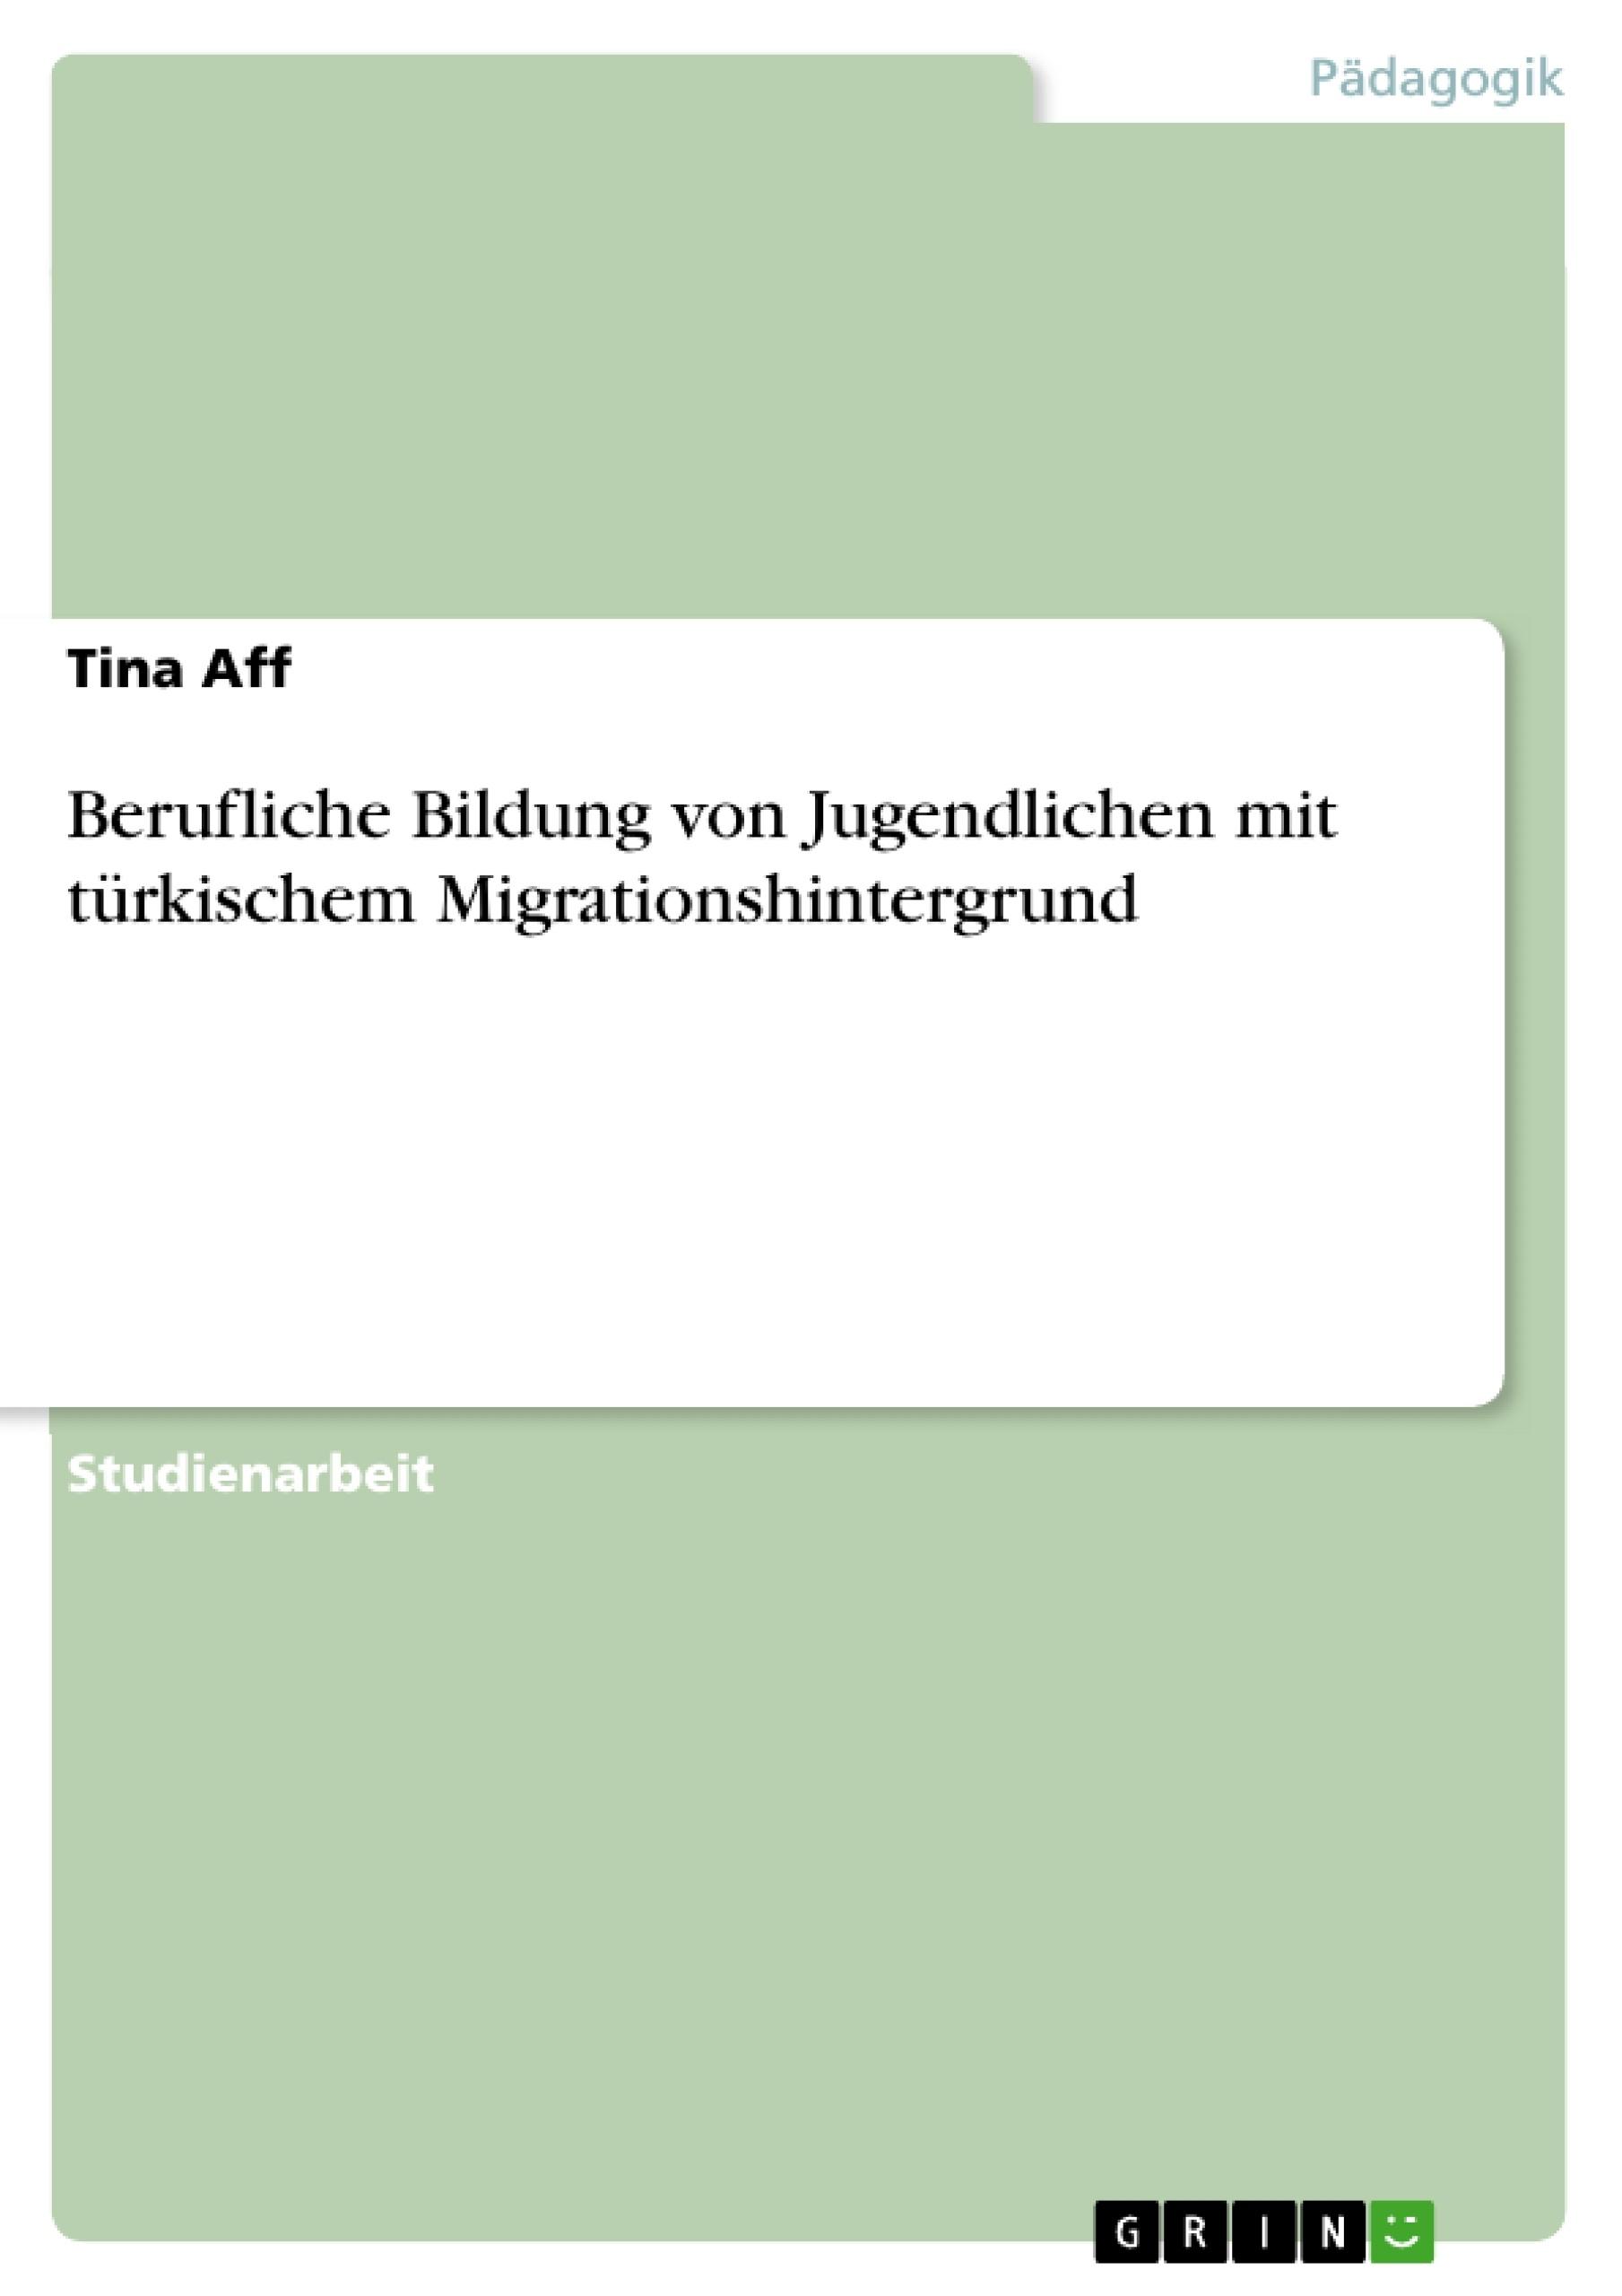 Titel: Berufliche Bildung von Jugendlichen mit türkischem Migrationshintergrund